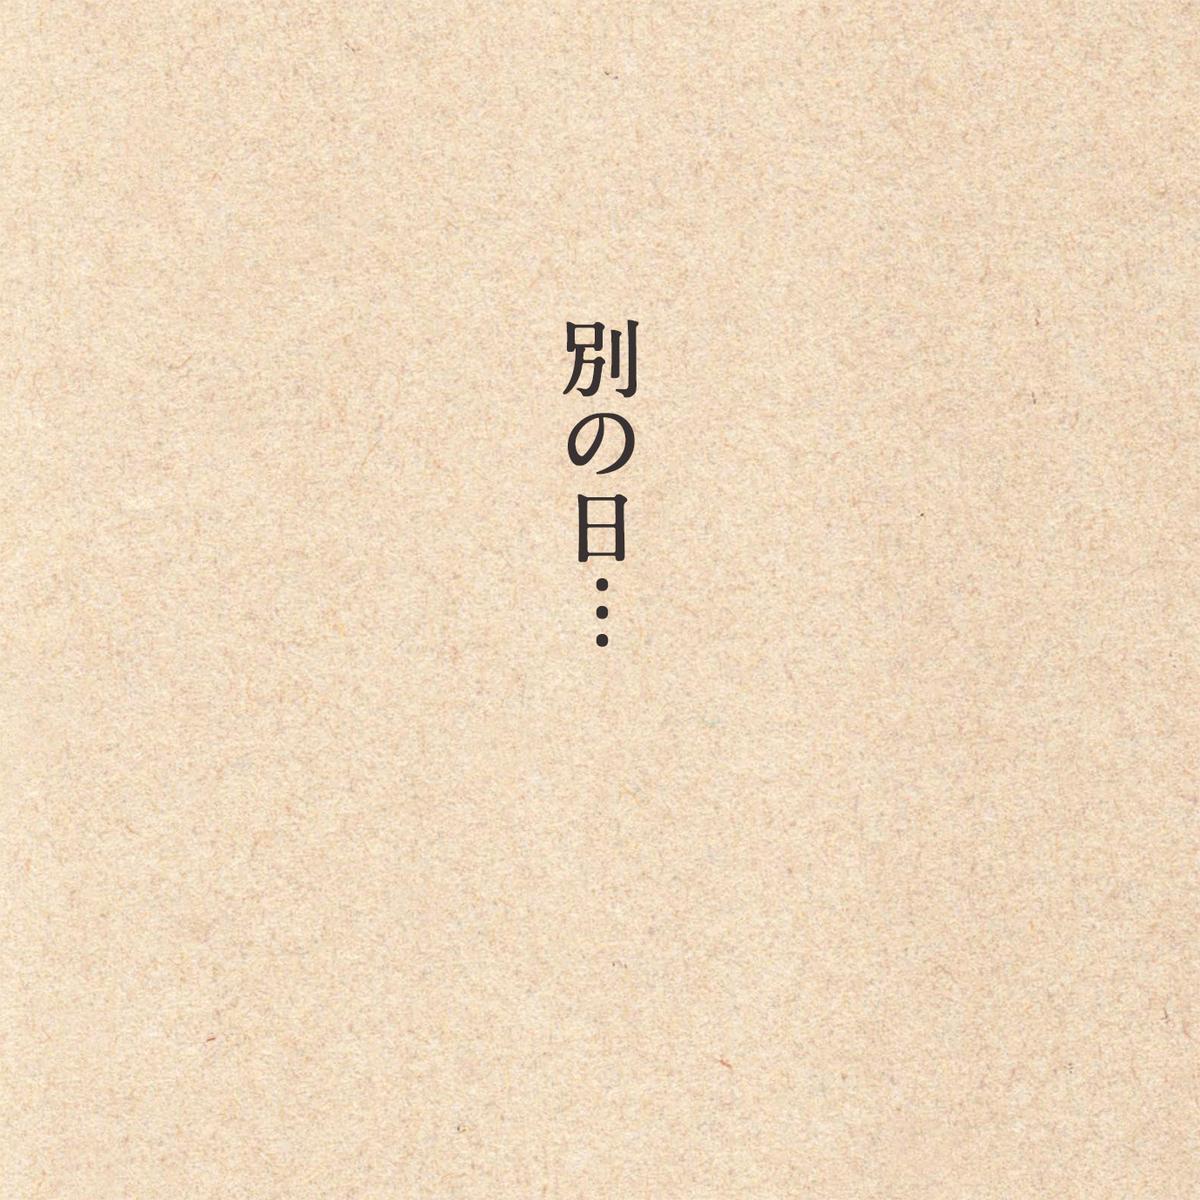 f:id:gintetutomi:20190911121706j:plain